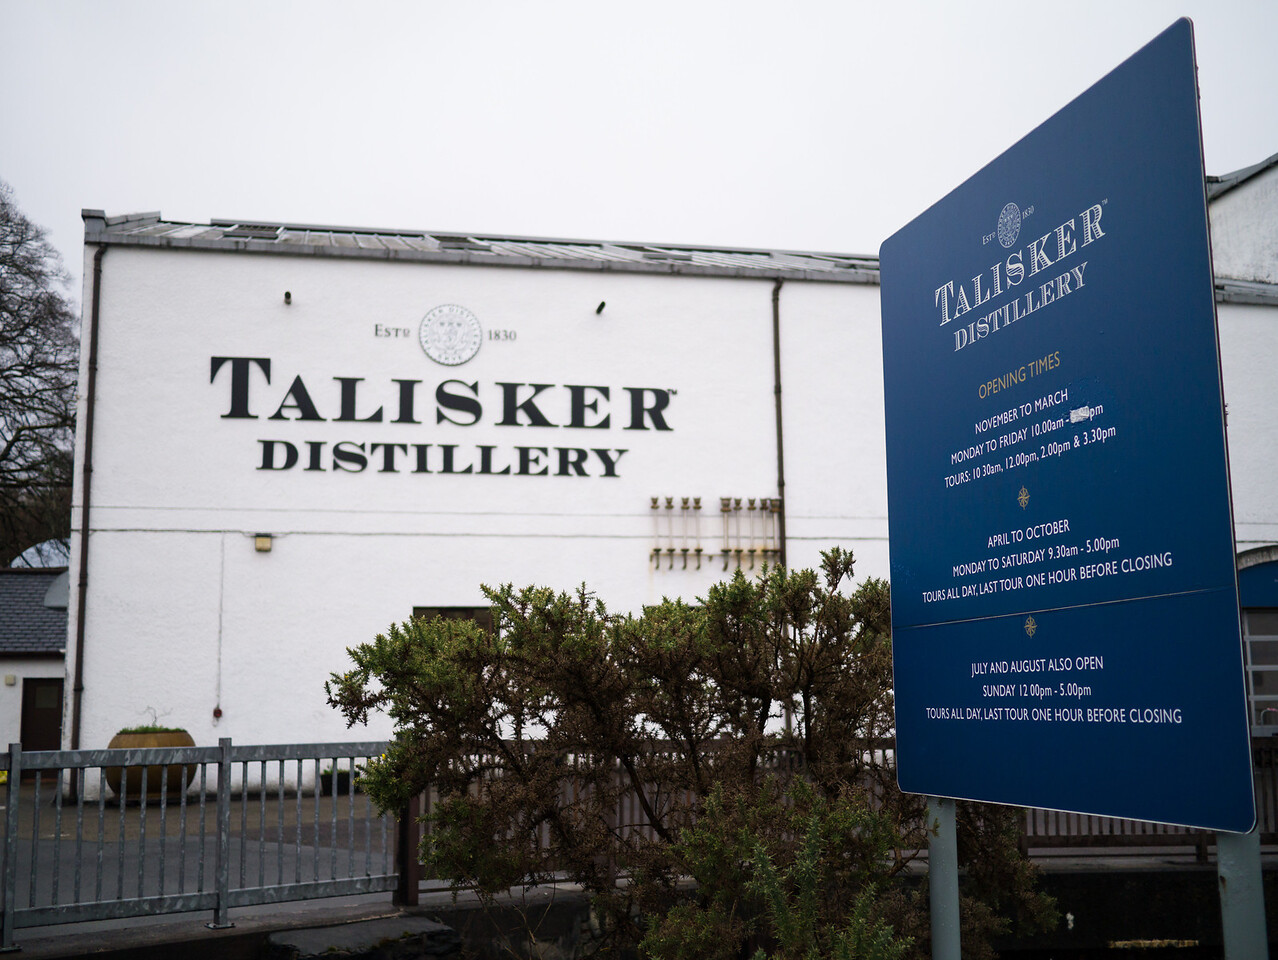 Outside of the Talkisker Distillery